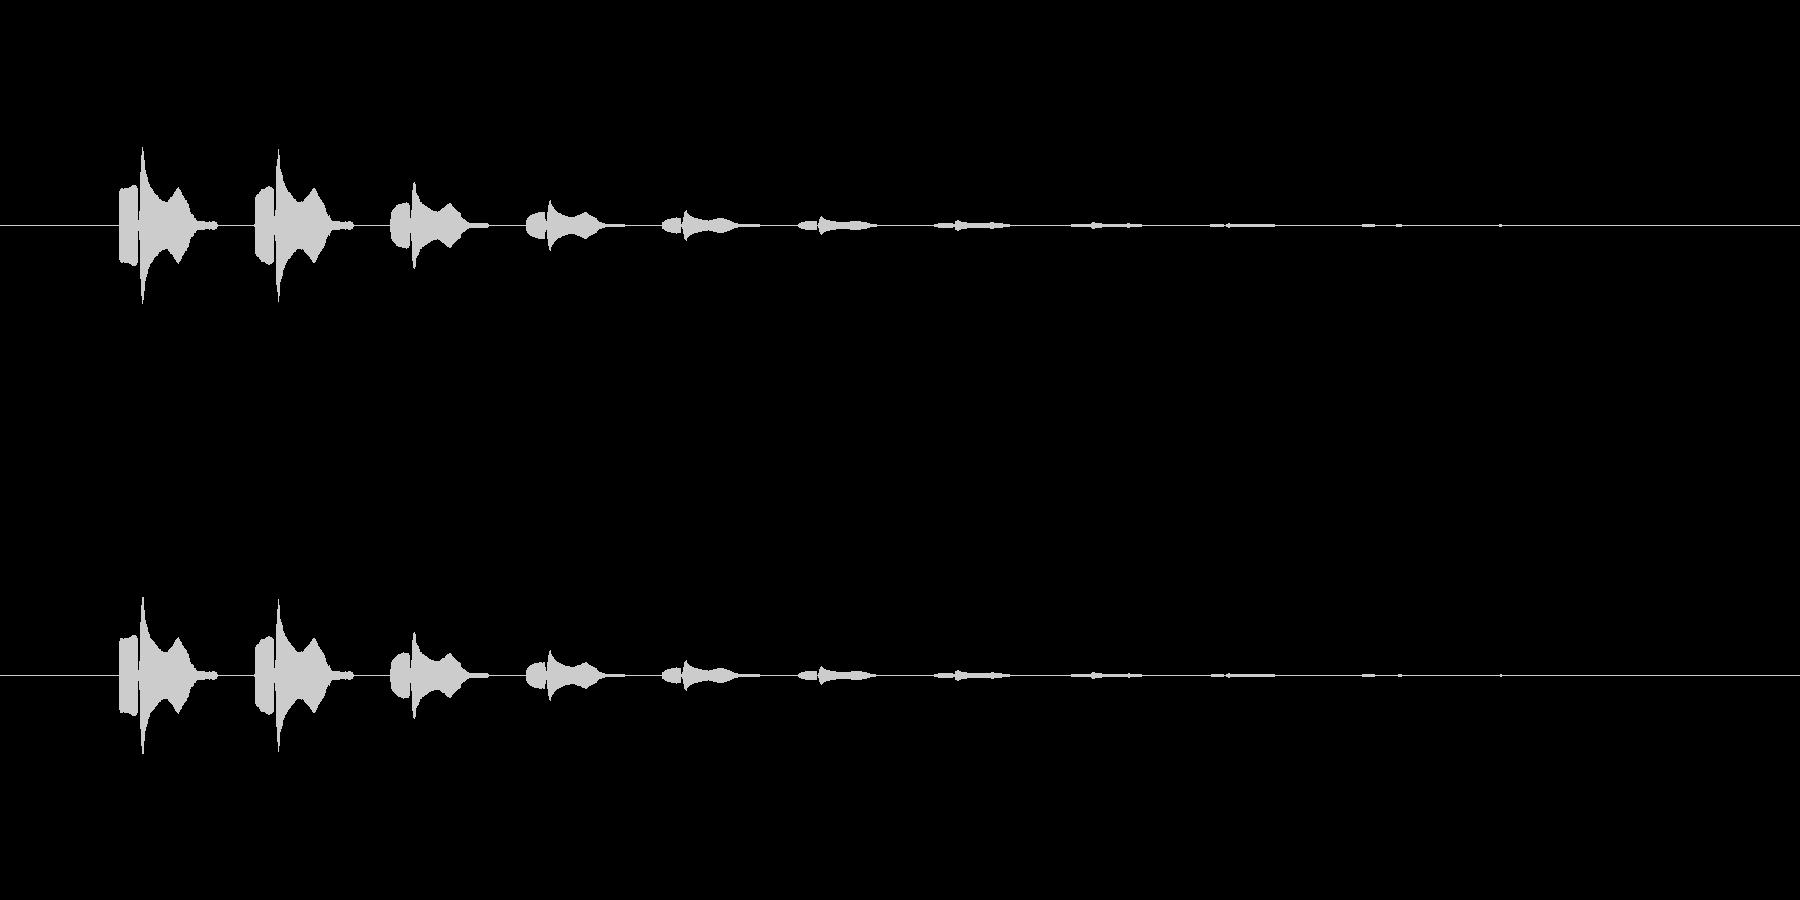 【ポップモーション15-4】の未再生の波形